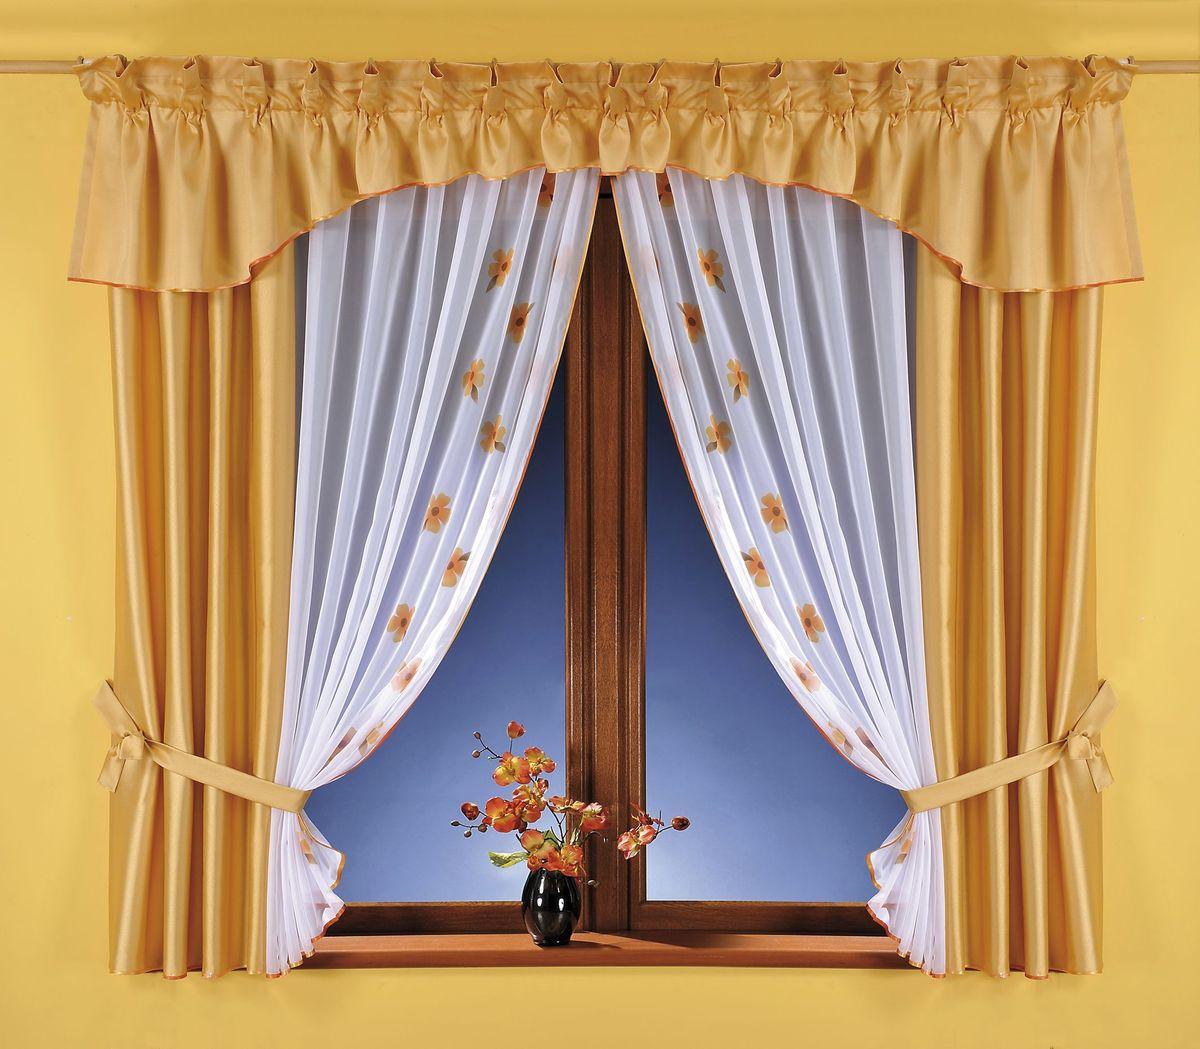 Комплект штор Wisan Swietlana, на ленте, цвет: золотистый, белый, высота 180 см шторы интерьерные wisan комплект штор для кухни